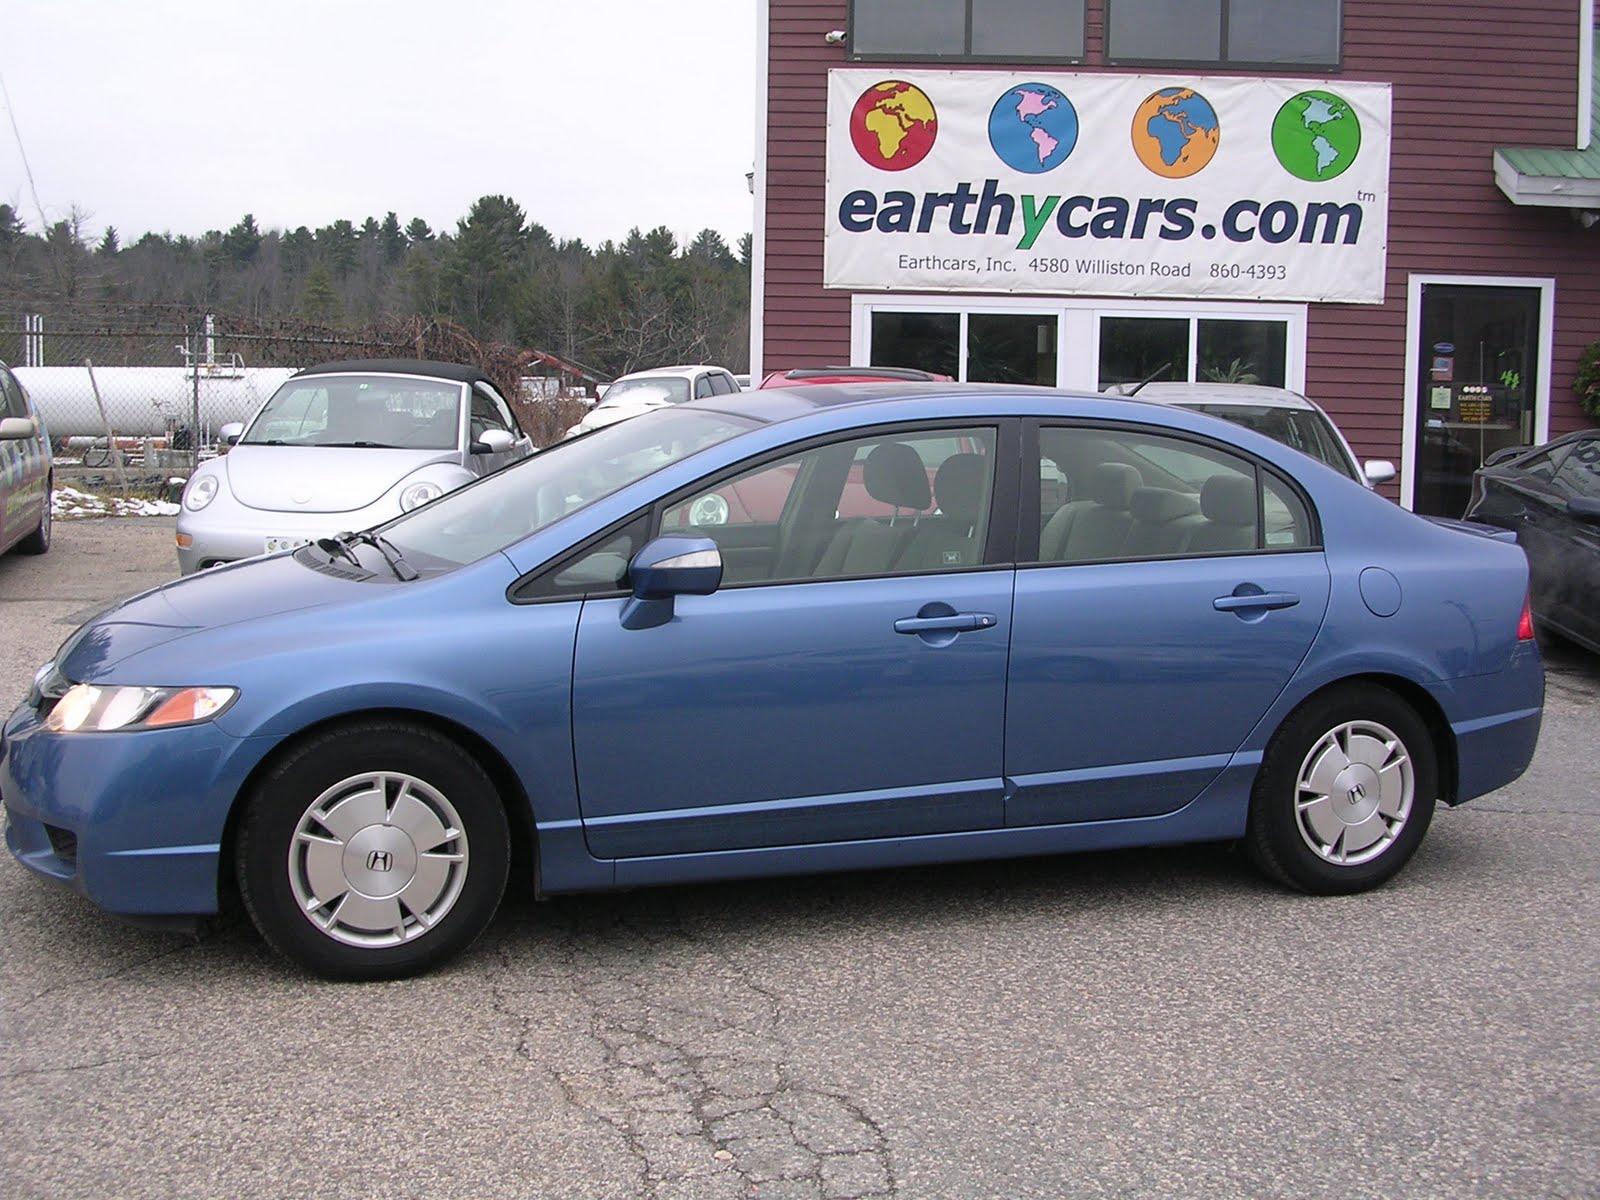 NewCarTestDrive Via AOL Autos: Http://autos.aol.com/cars Honda Civic+Hybrid  2009/expert Review/